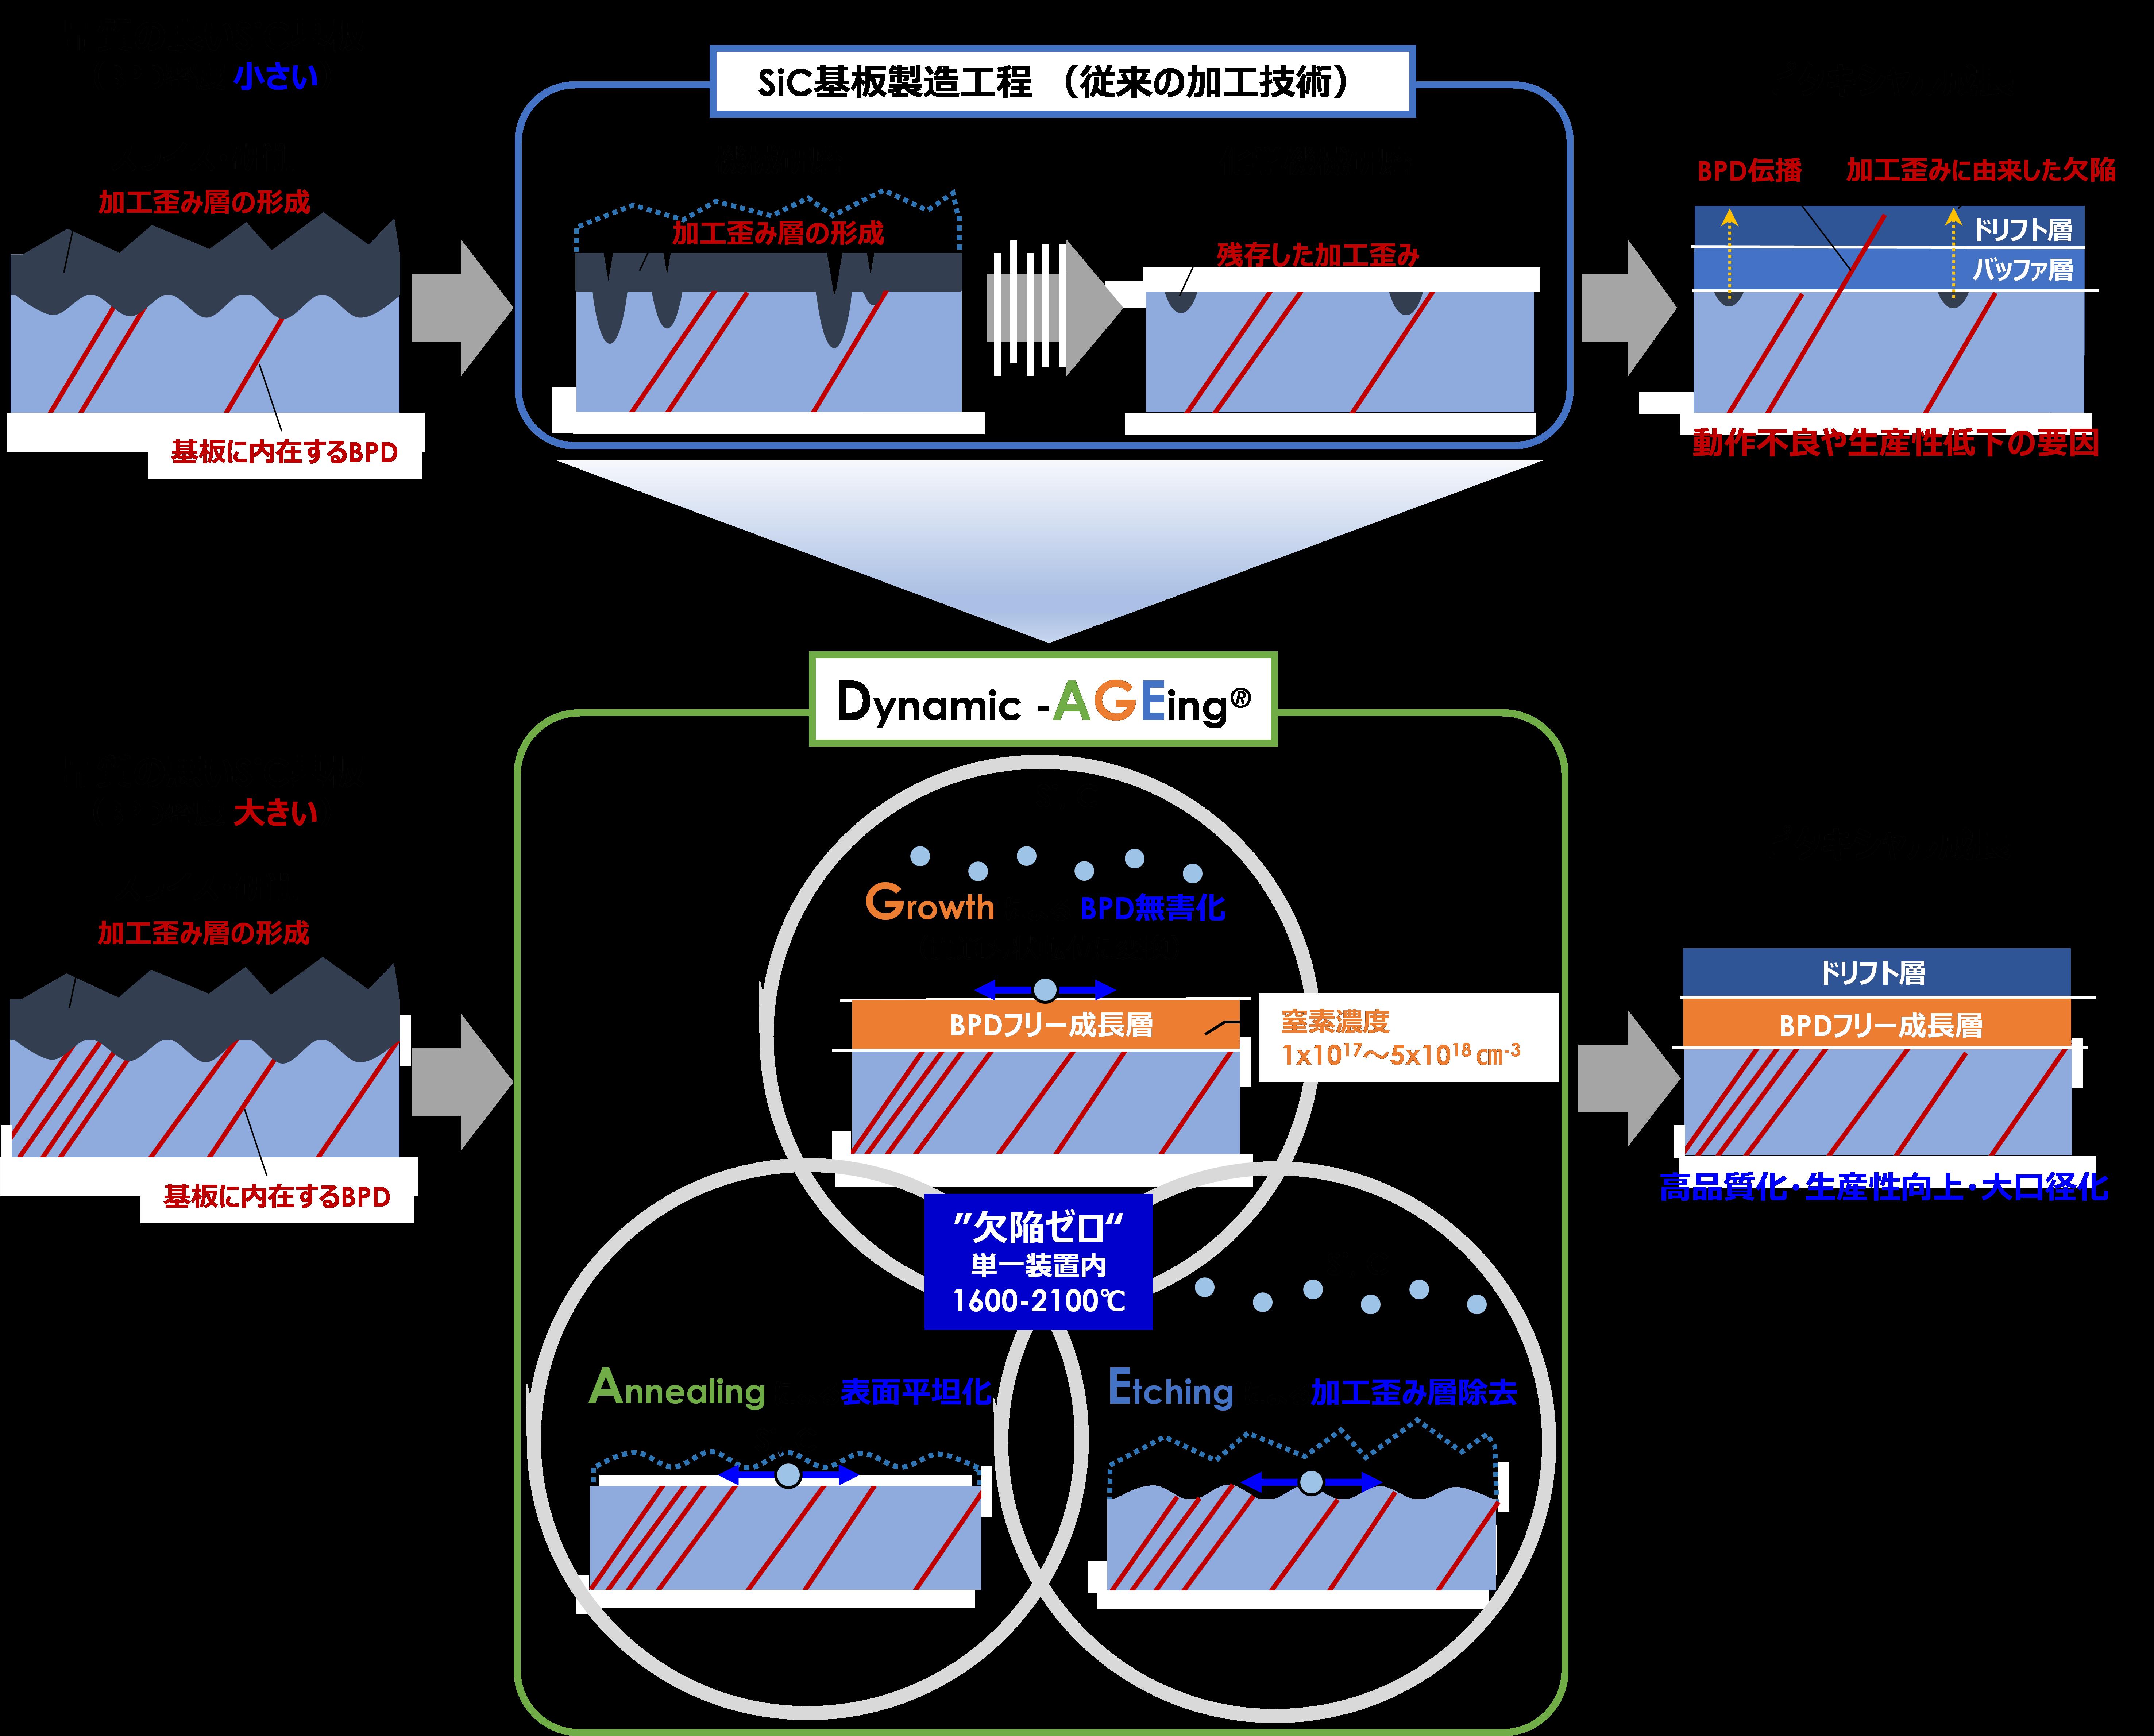 関西学院大学 ''欠陥ゼロ''の6インチSiC基板を実現する革新的プロセス技術を開発~早期量産化を目指し、デバイスメーカーへのサンプル供給開始~